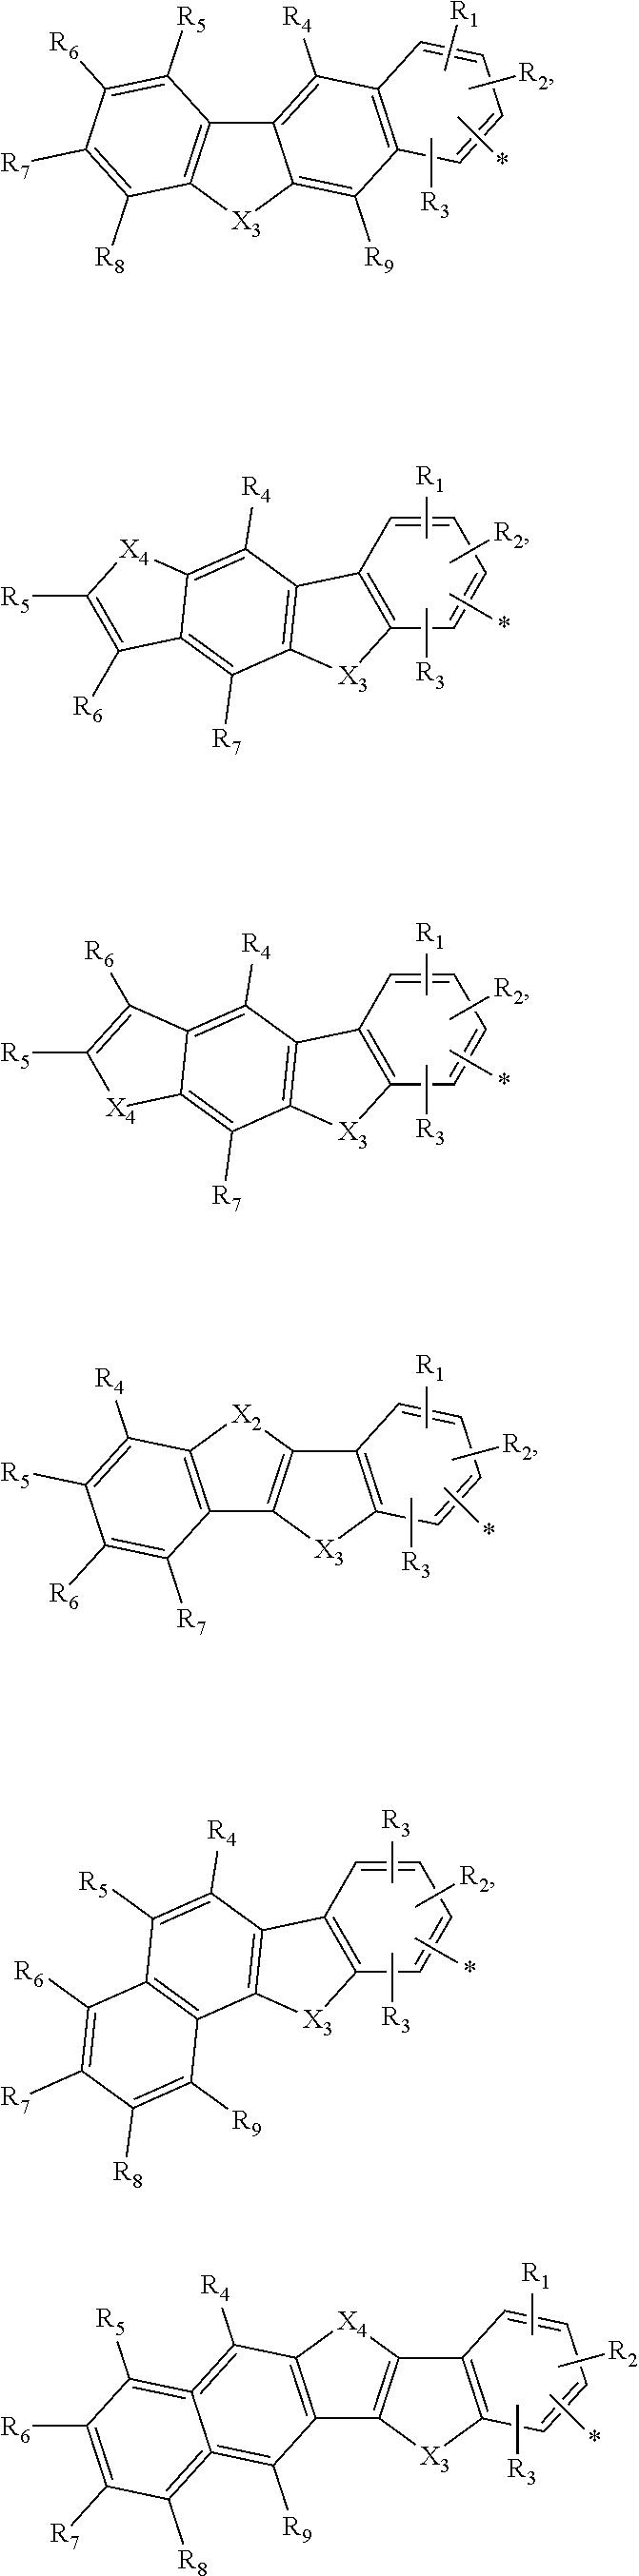 Figure US09985222-20180529-C00019